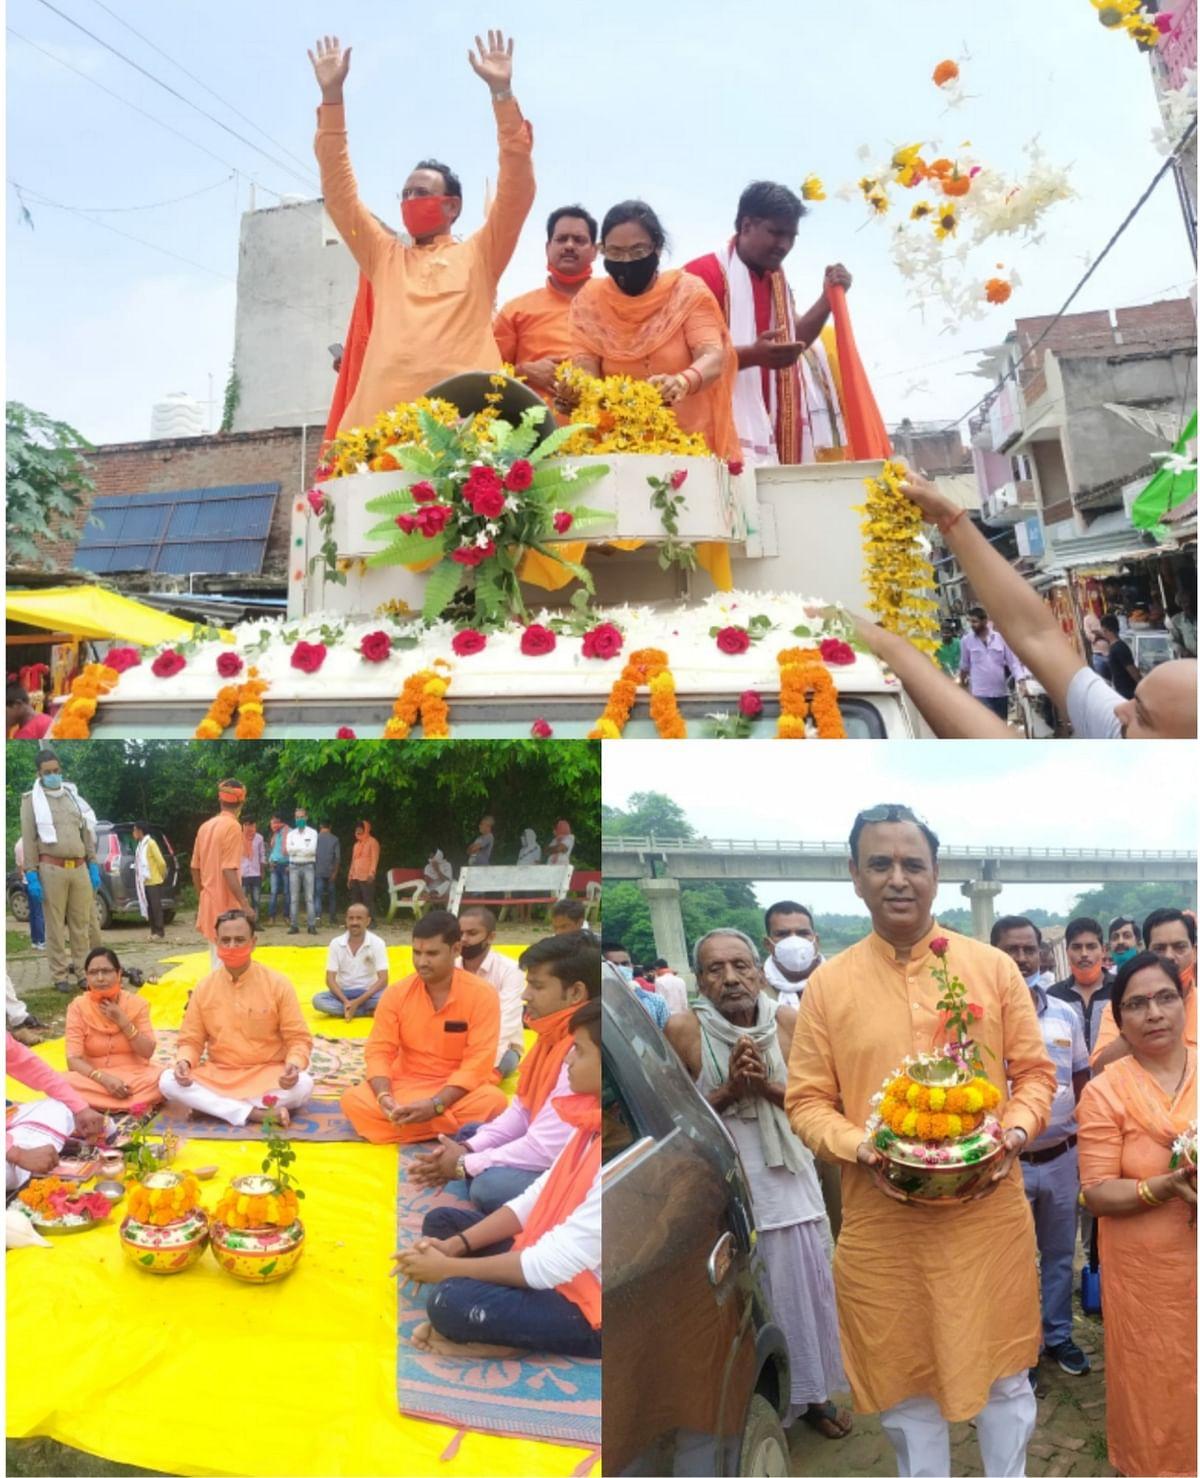 कुश की नगरी 'धोपाप' की मिट्टी व जल भी श्रीराम मंदिर के भूमि पूजन में होगा समाहित